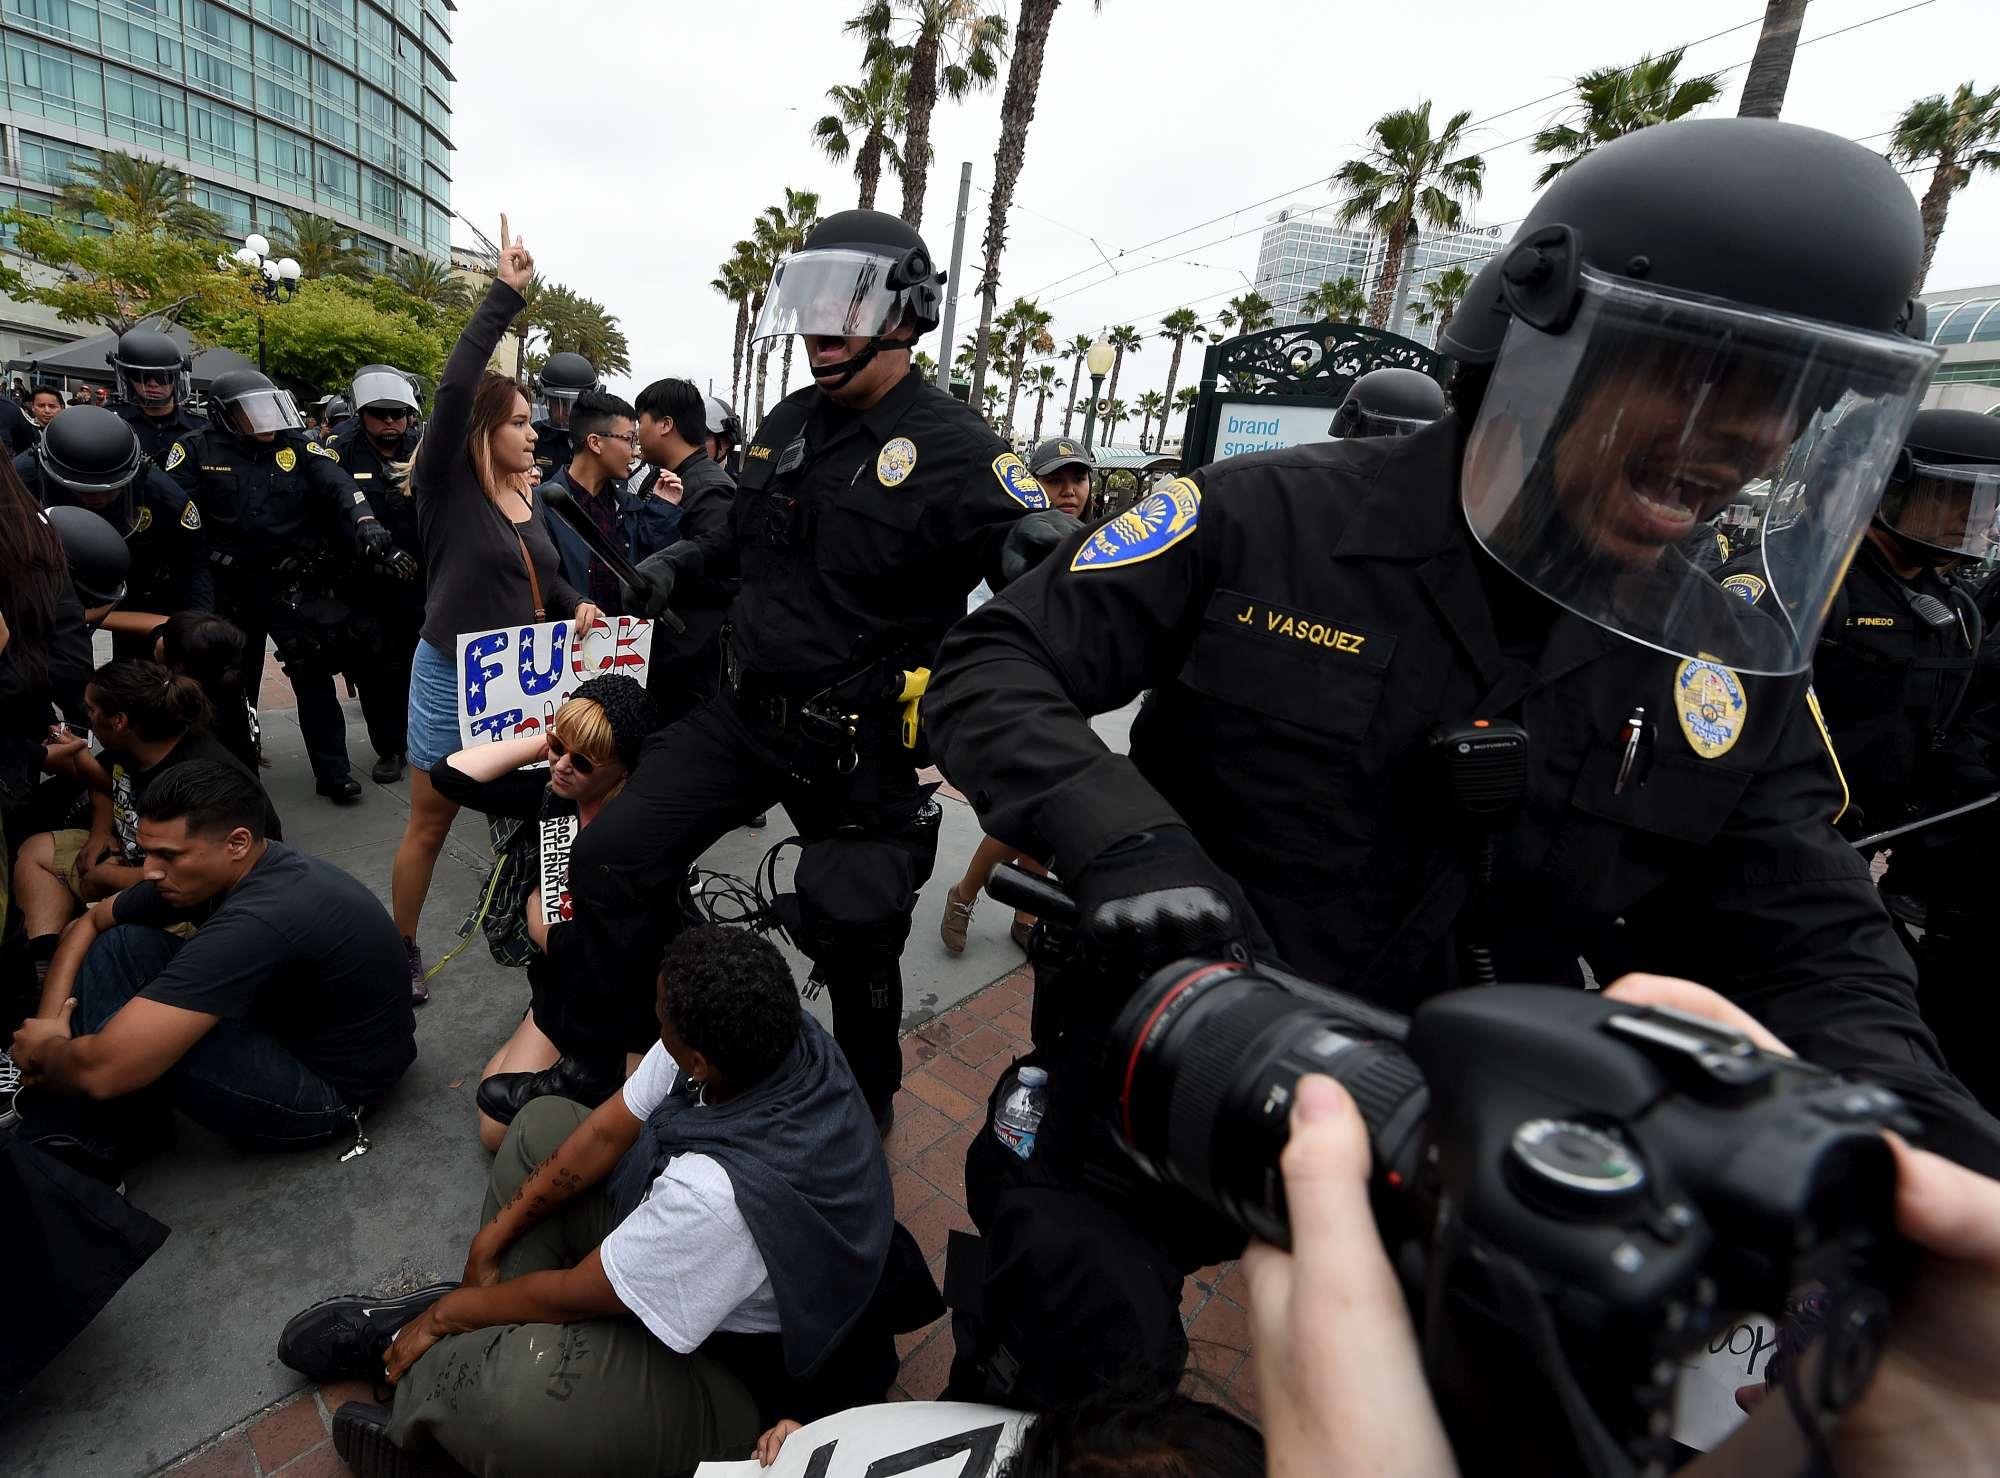 Scontri e arresti a San Diego durante un comizio di Donald Trump